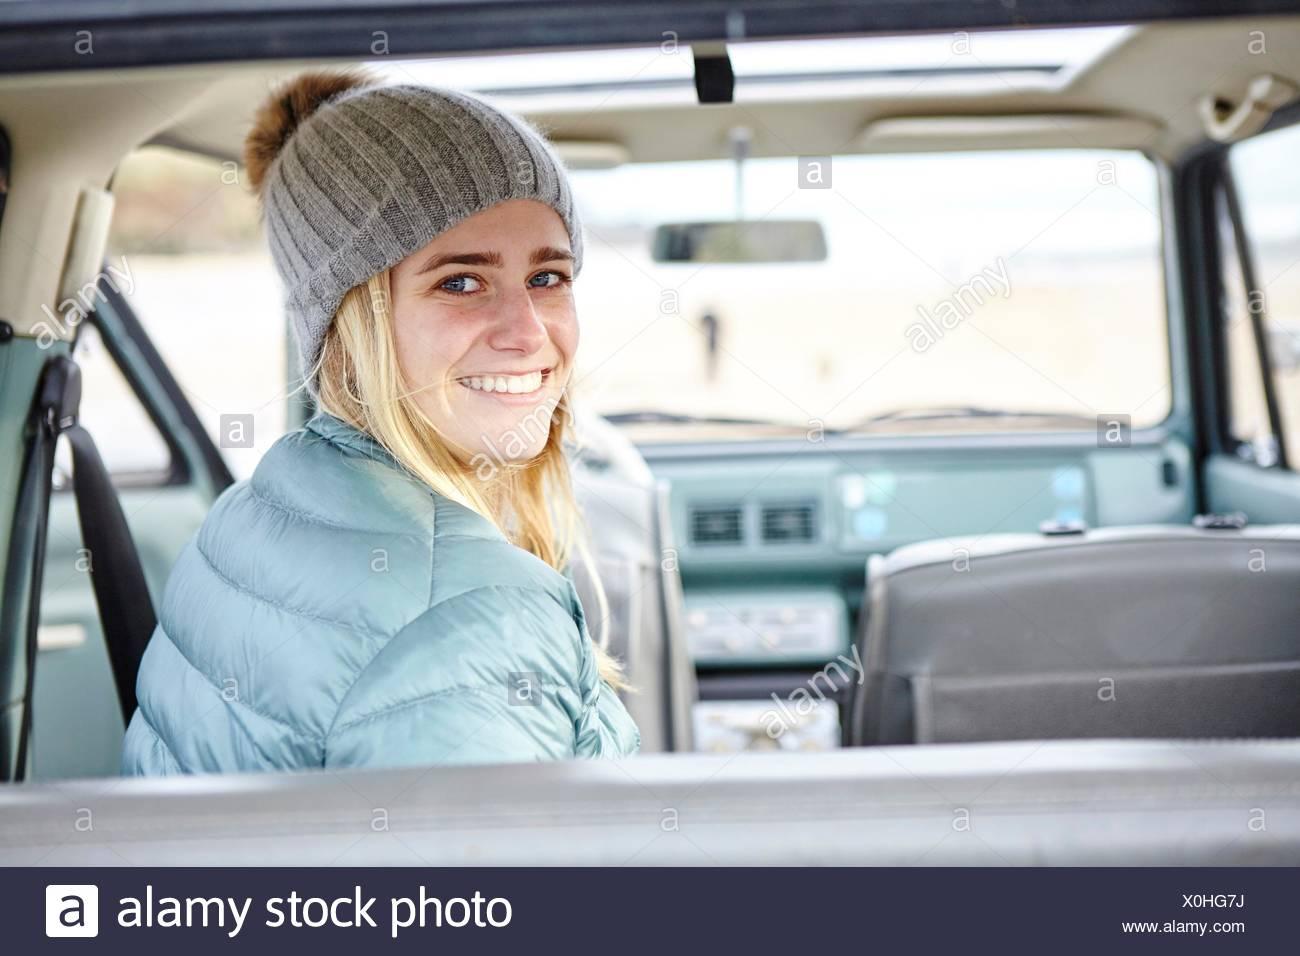 Porträt der jungen Frau im Auto am Strand tragen stricken Hut Stockbild